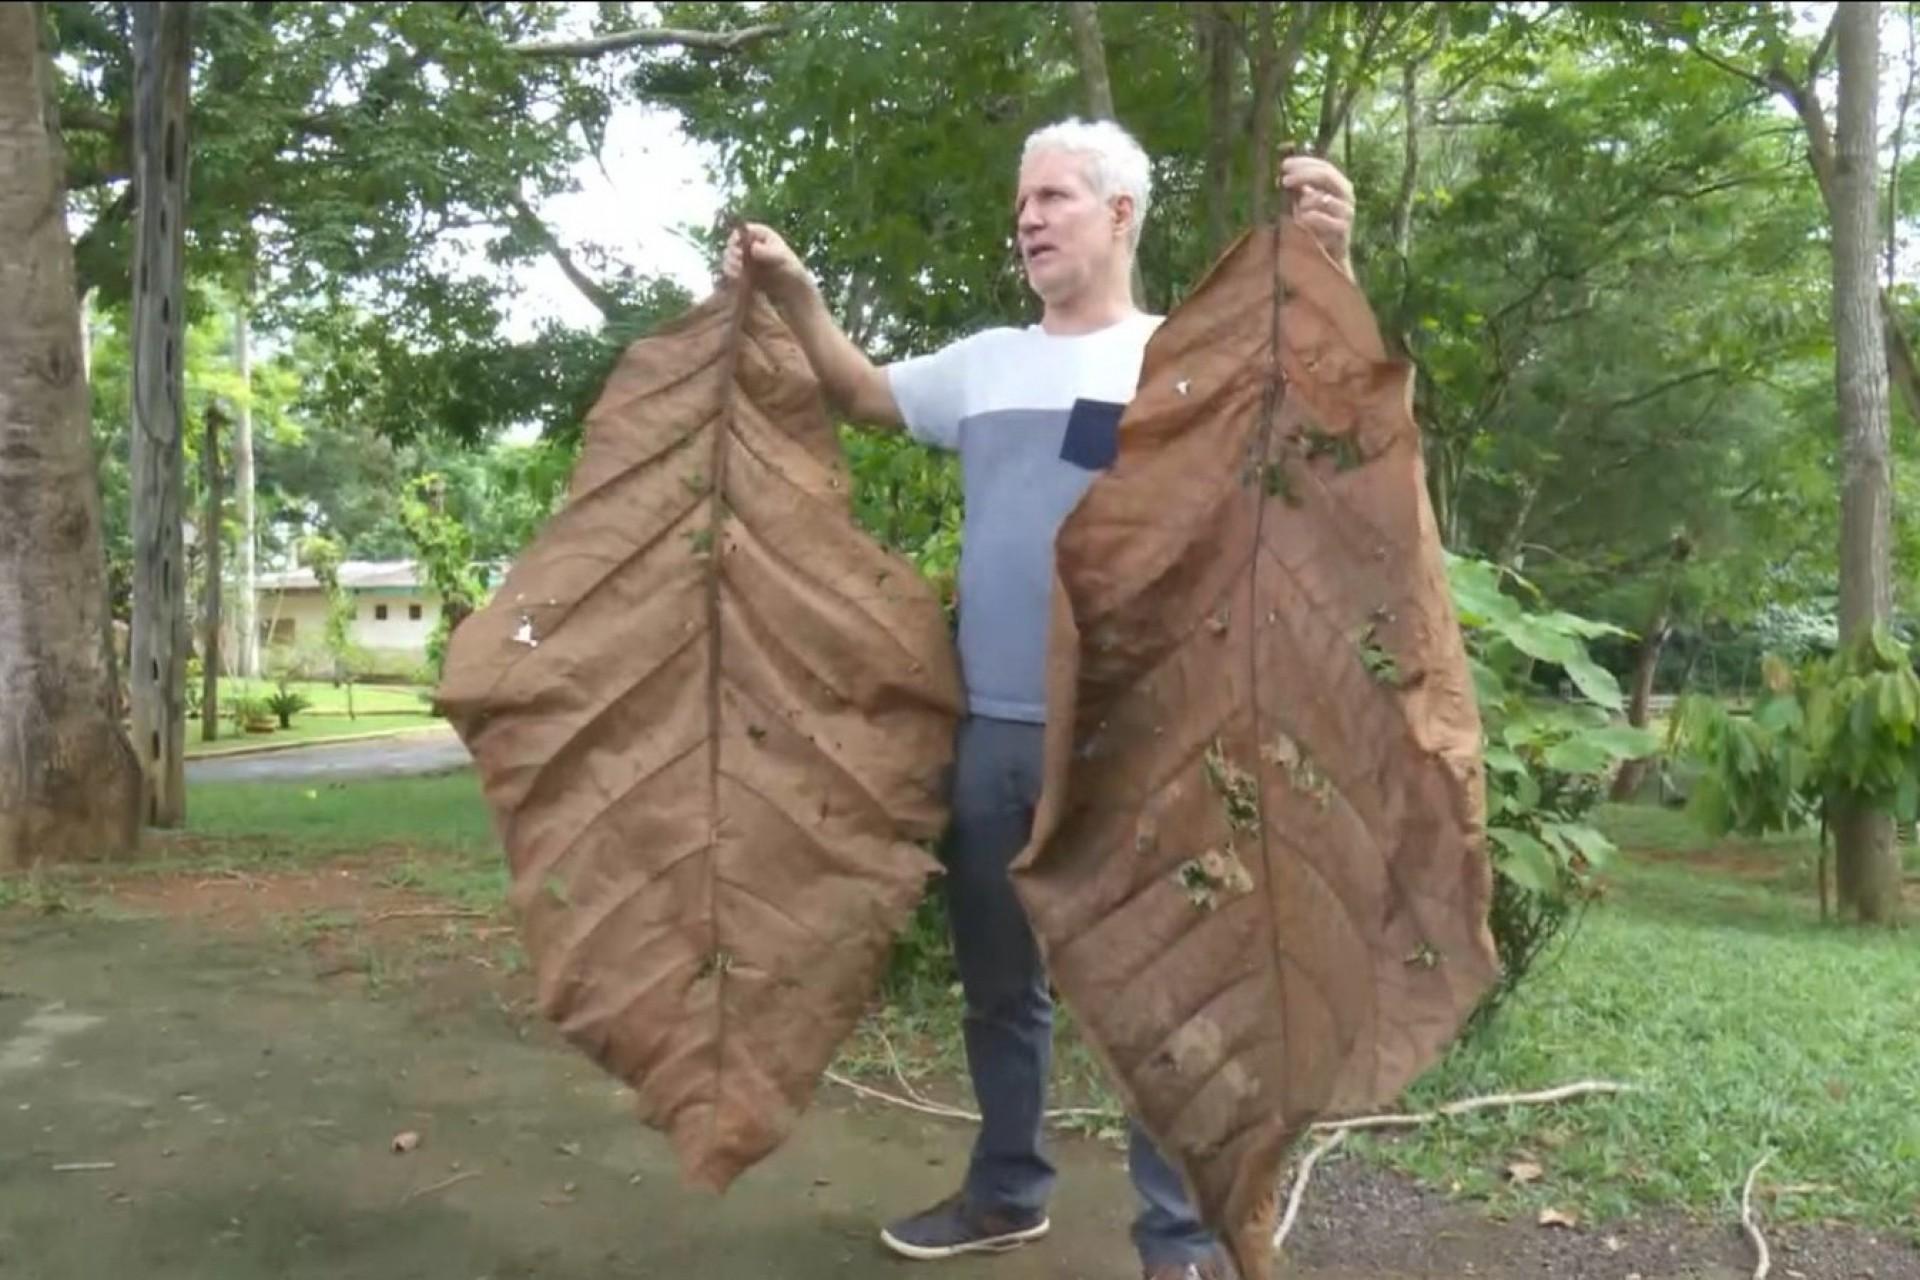 Em extinção, árvore que produz folha de 2,5m é achada em parque